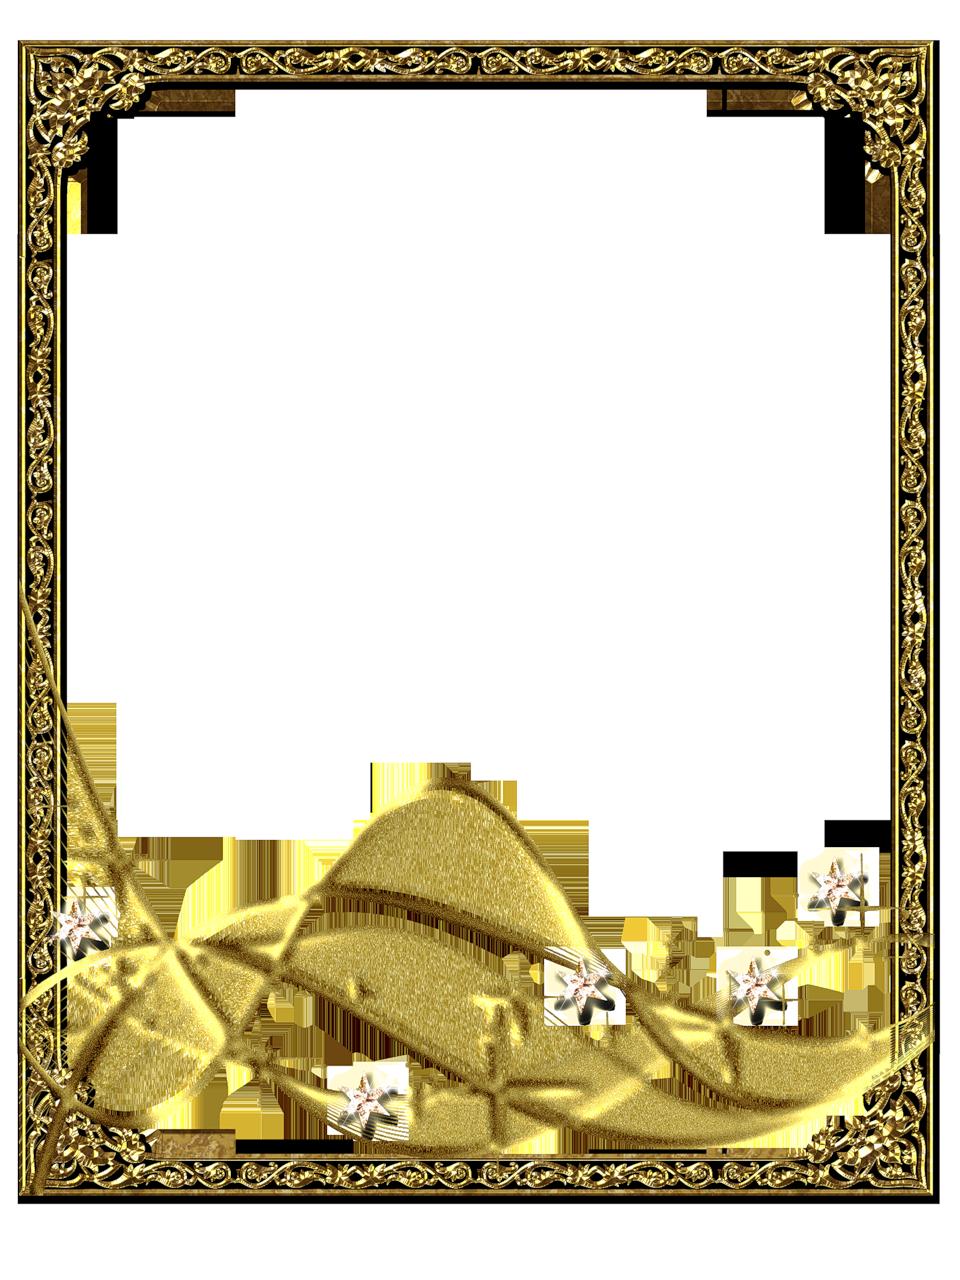 Оформление открытки на юбилей мужчине